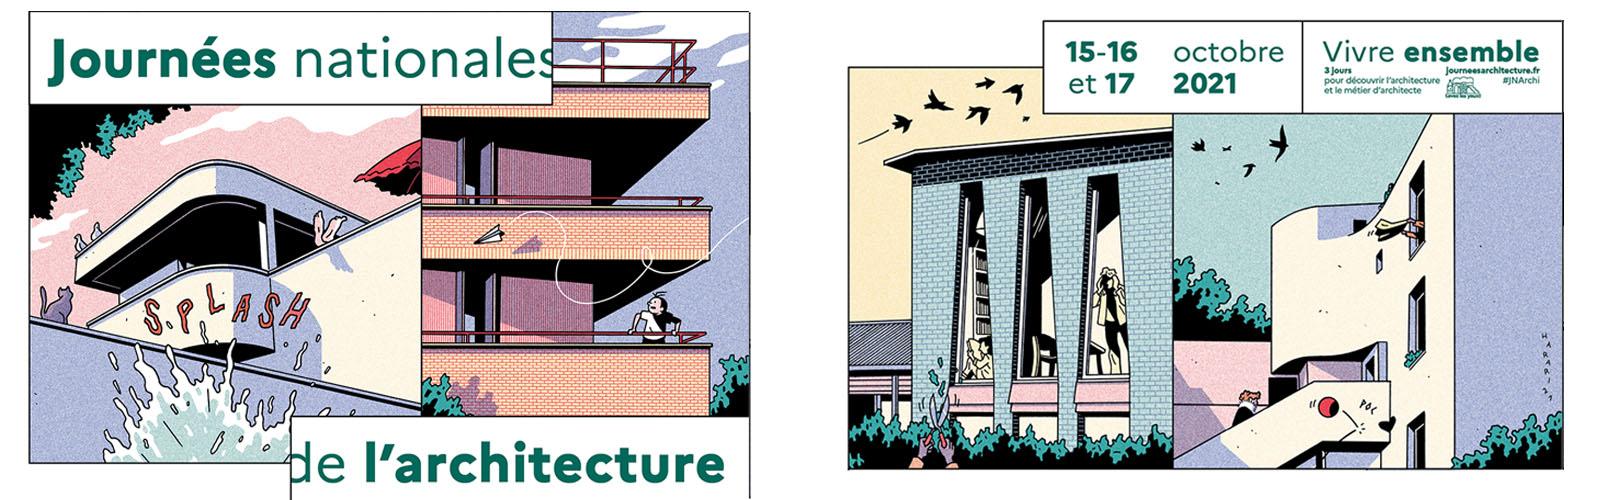 Les Journées nationales de l'Architecture : pour le mieux « Vivre ensemble »